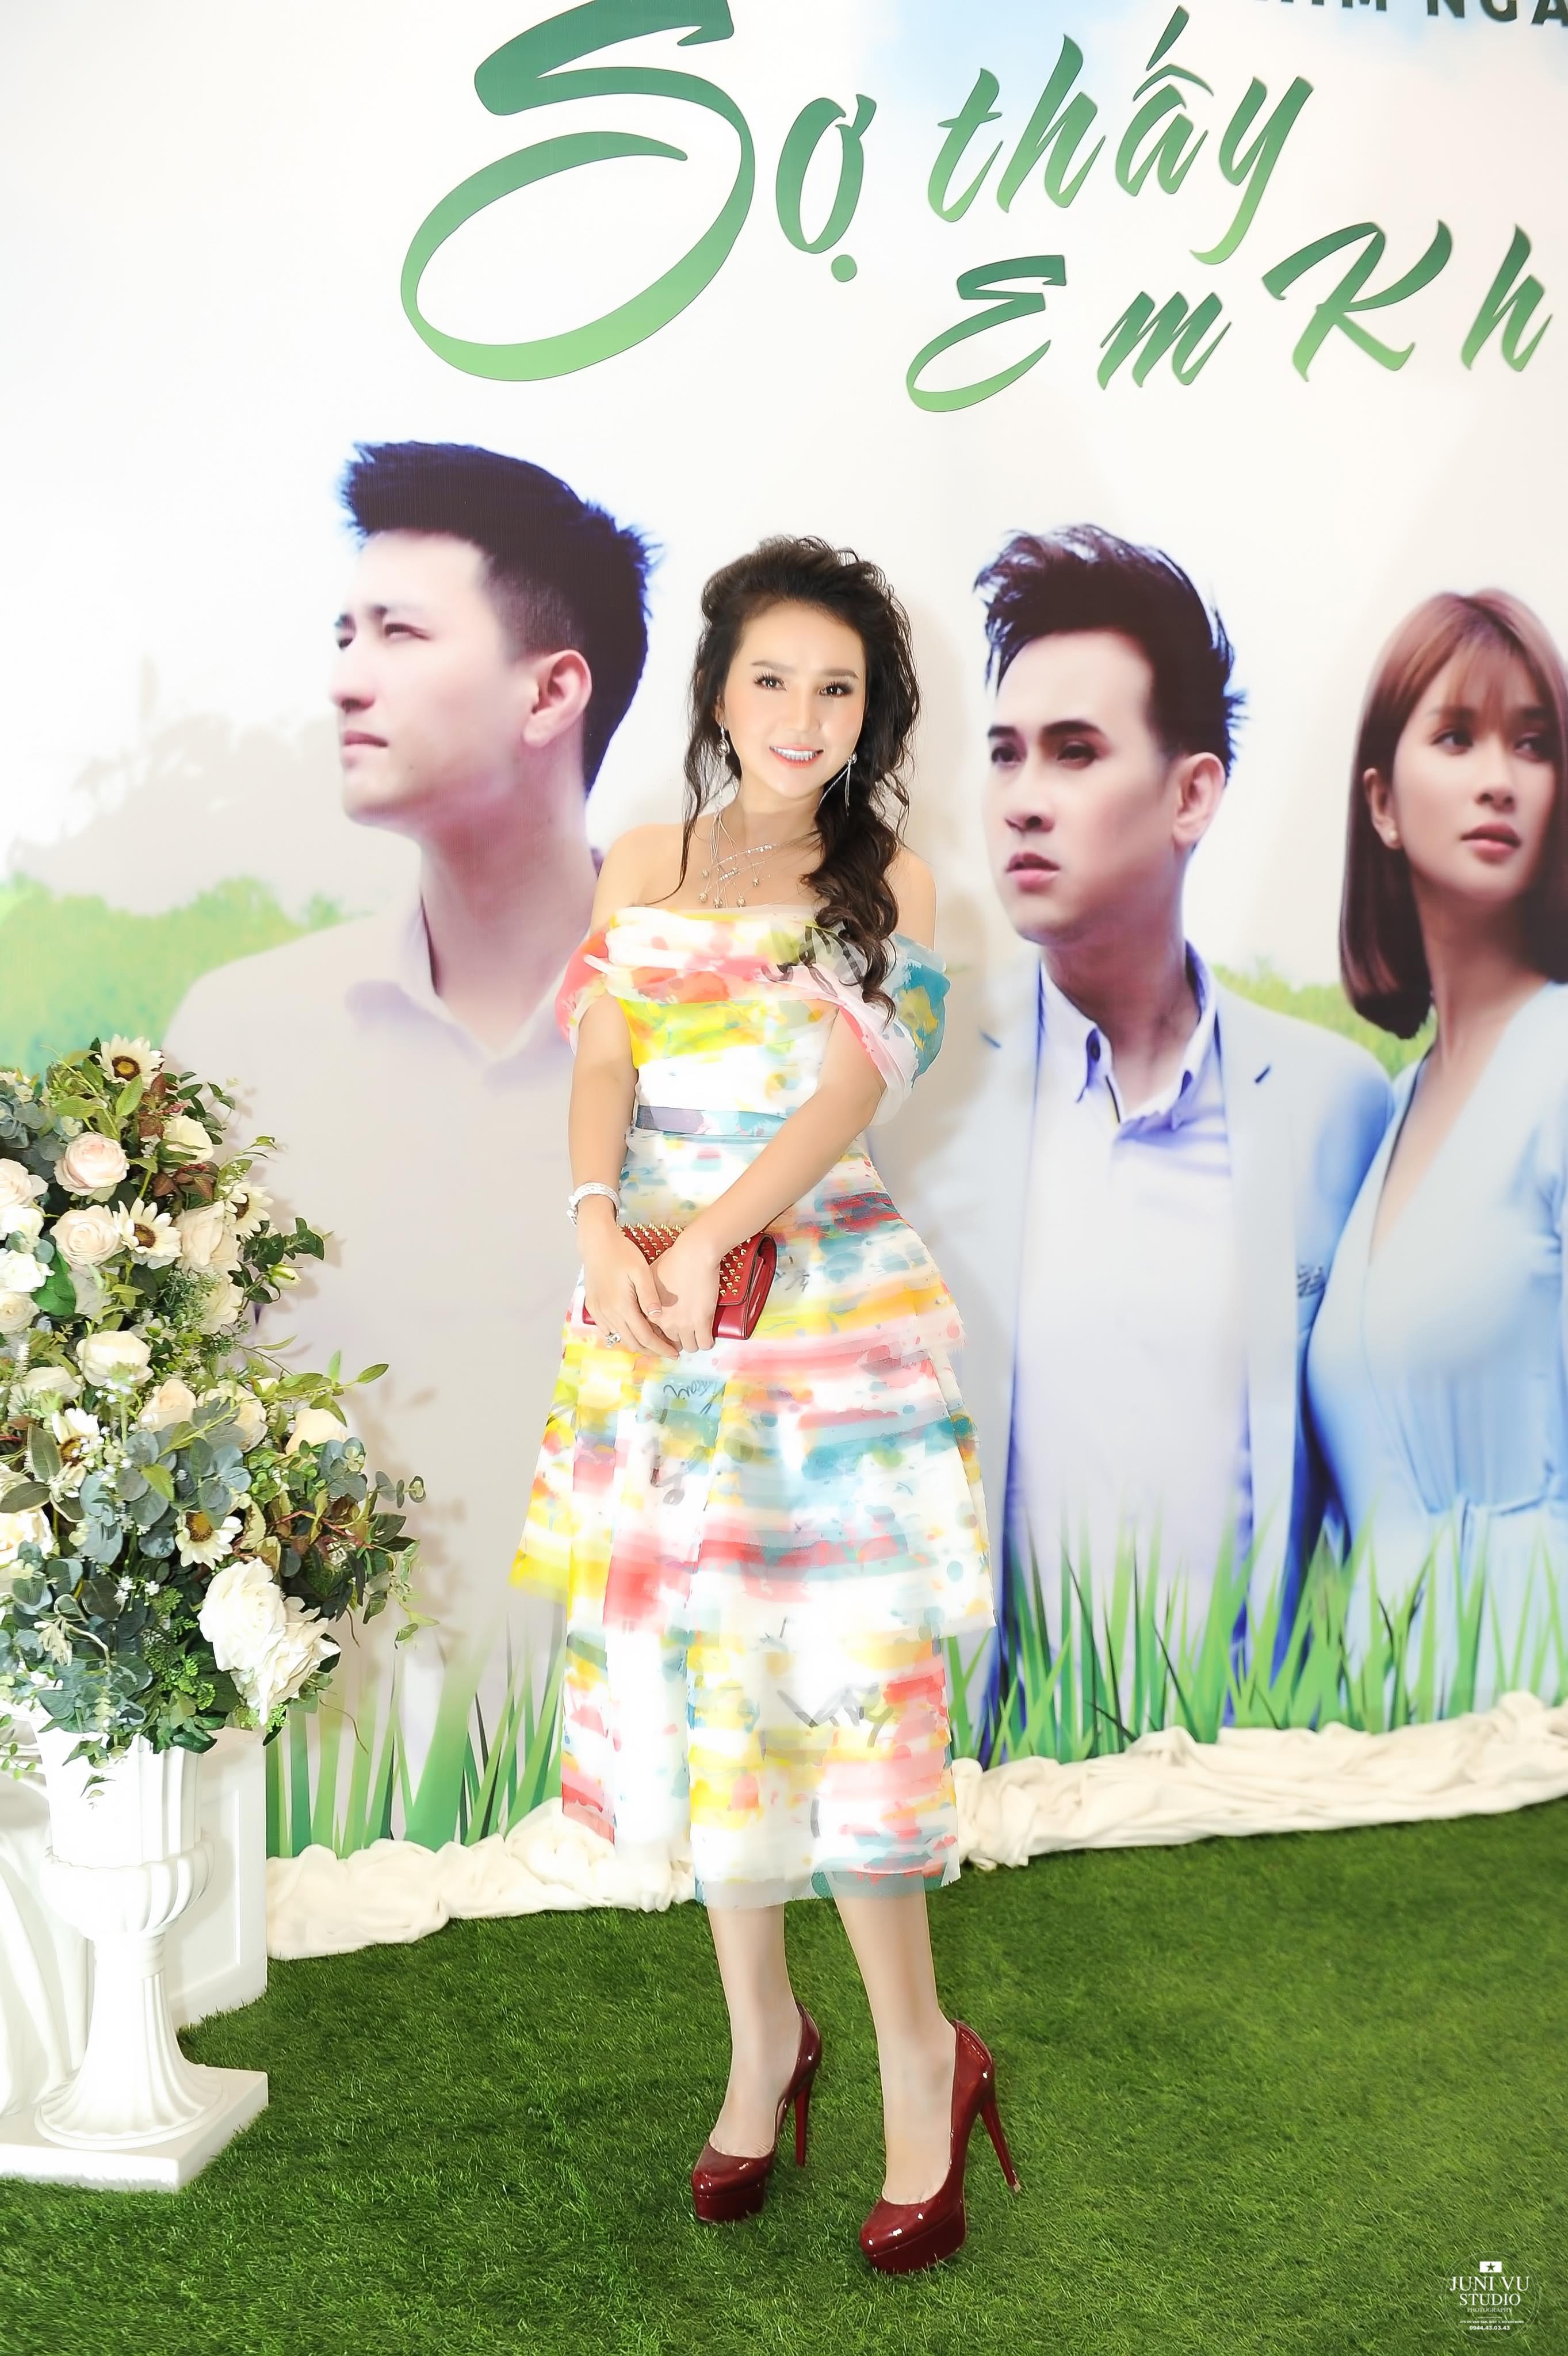 Doanh nhân Bảo Châu cùng diễn viên Luân Nguyễn hết lòng vì người dân nghèo 8